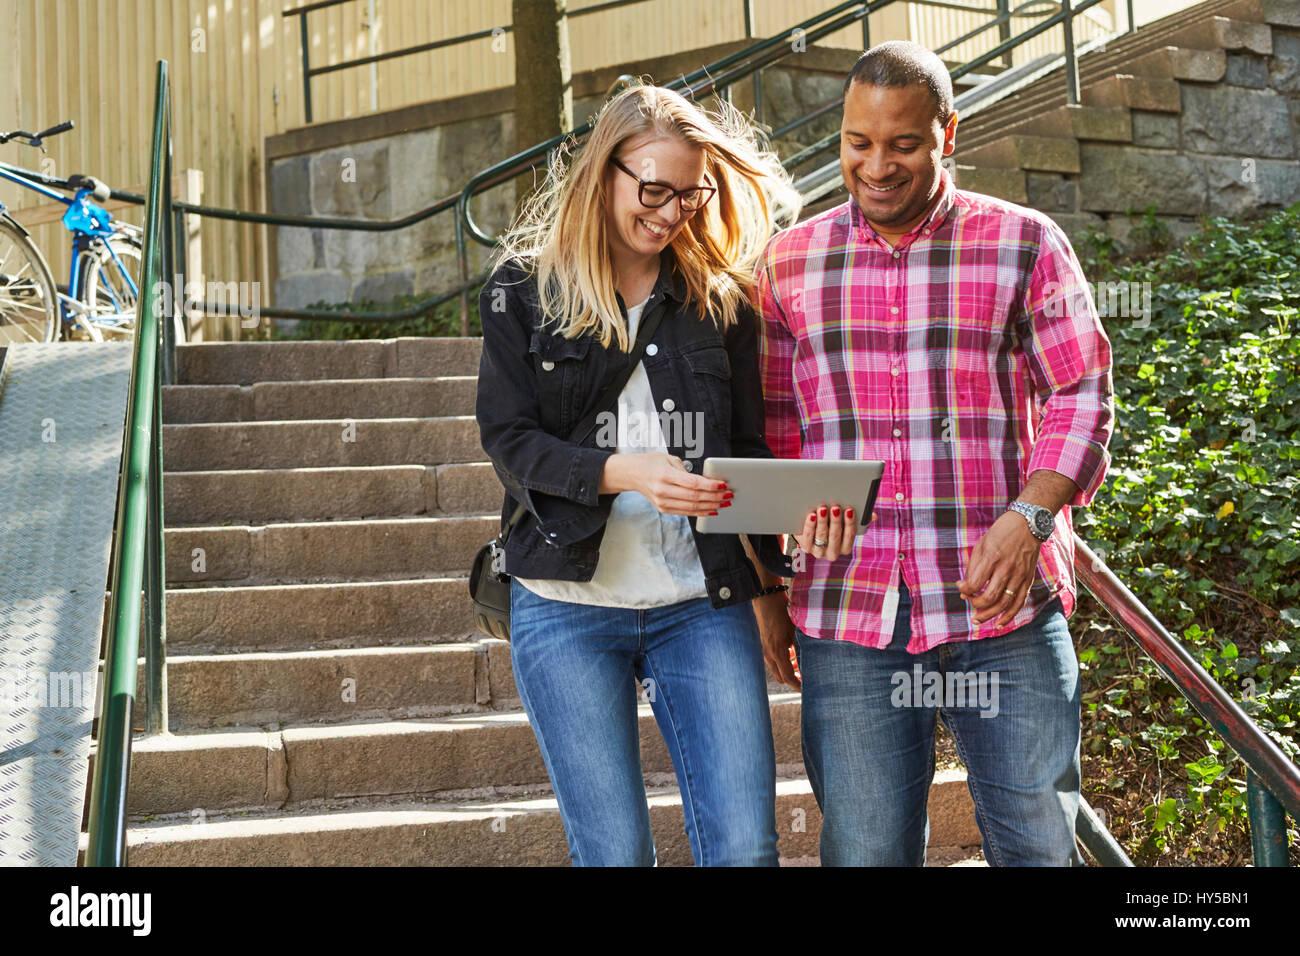 La Suède, l'homme et la femme debout côte à côte dans des marches, et looking at digital Photo Stock